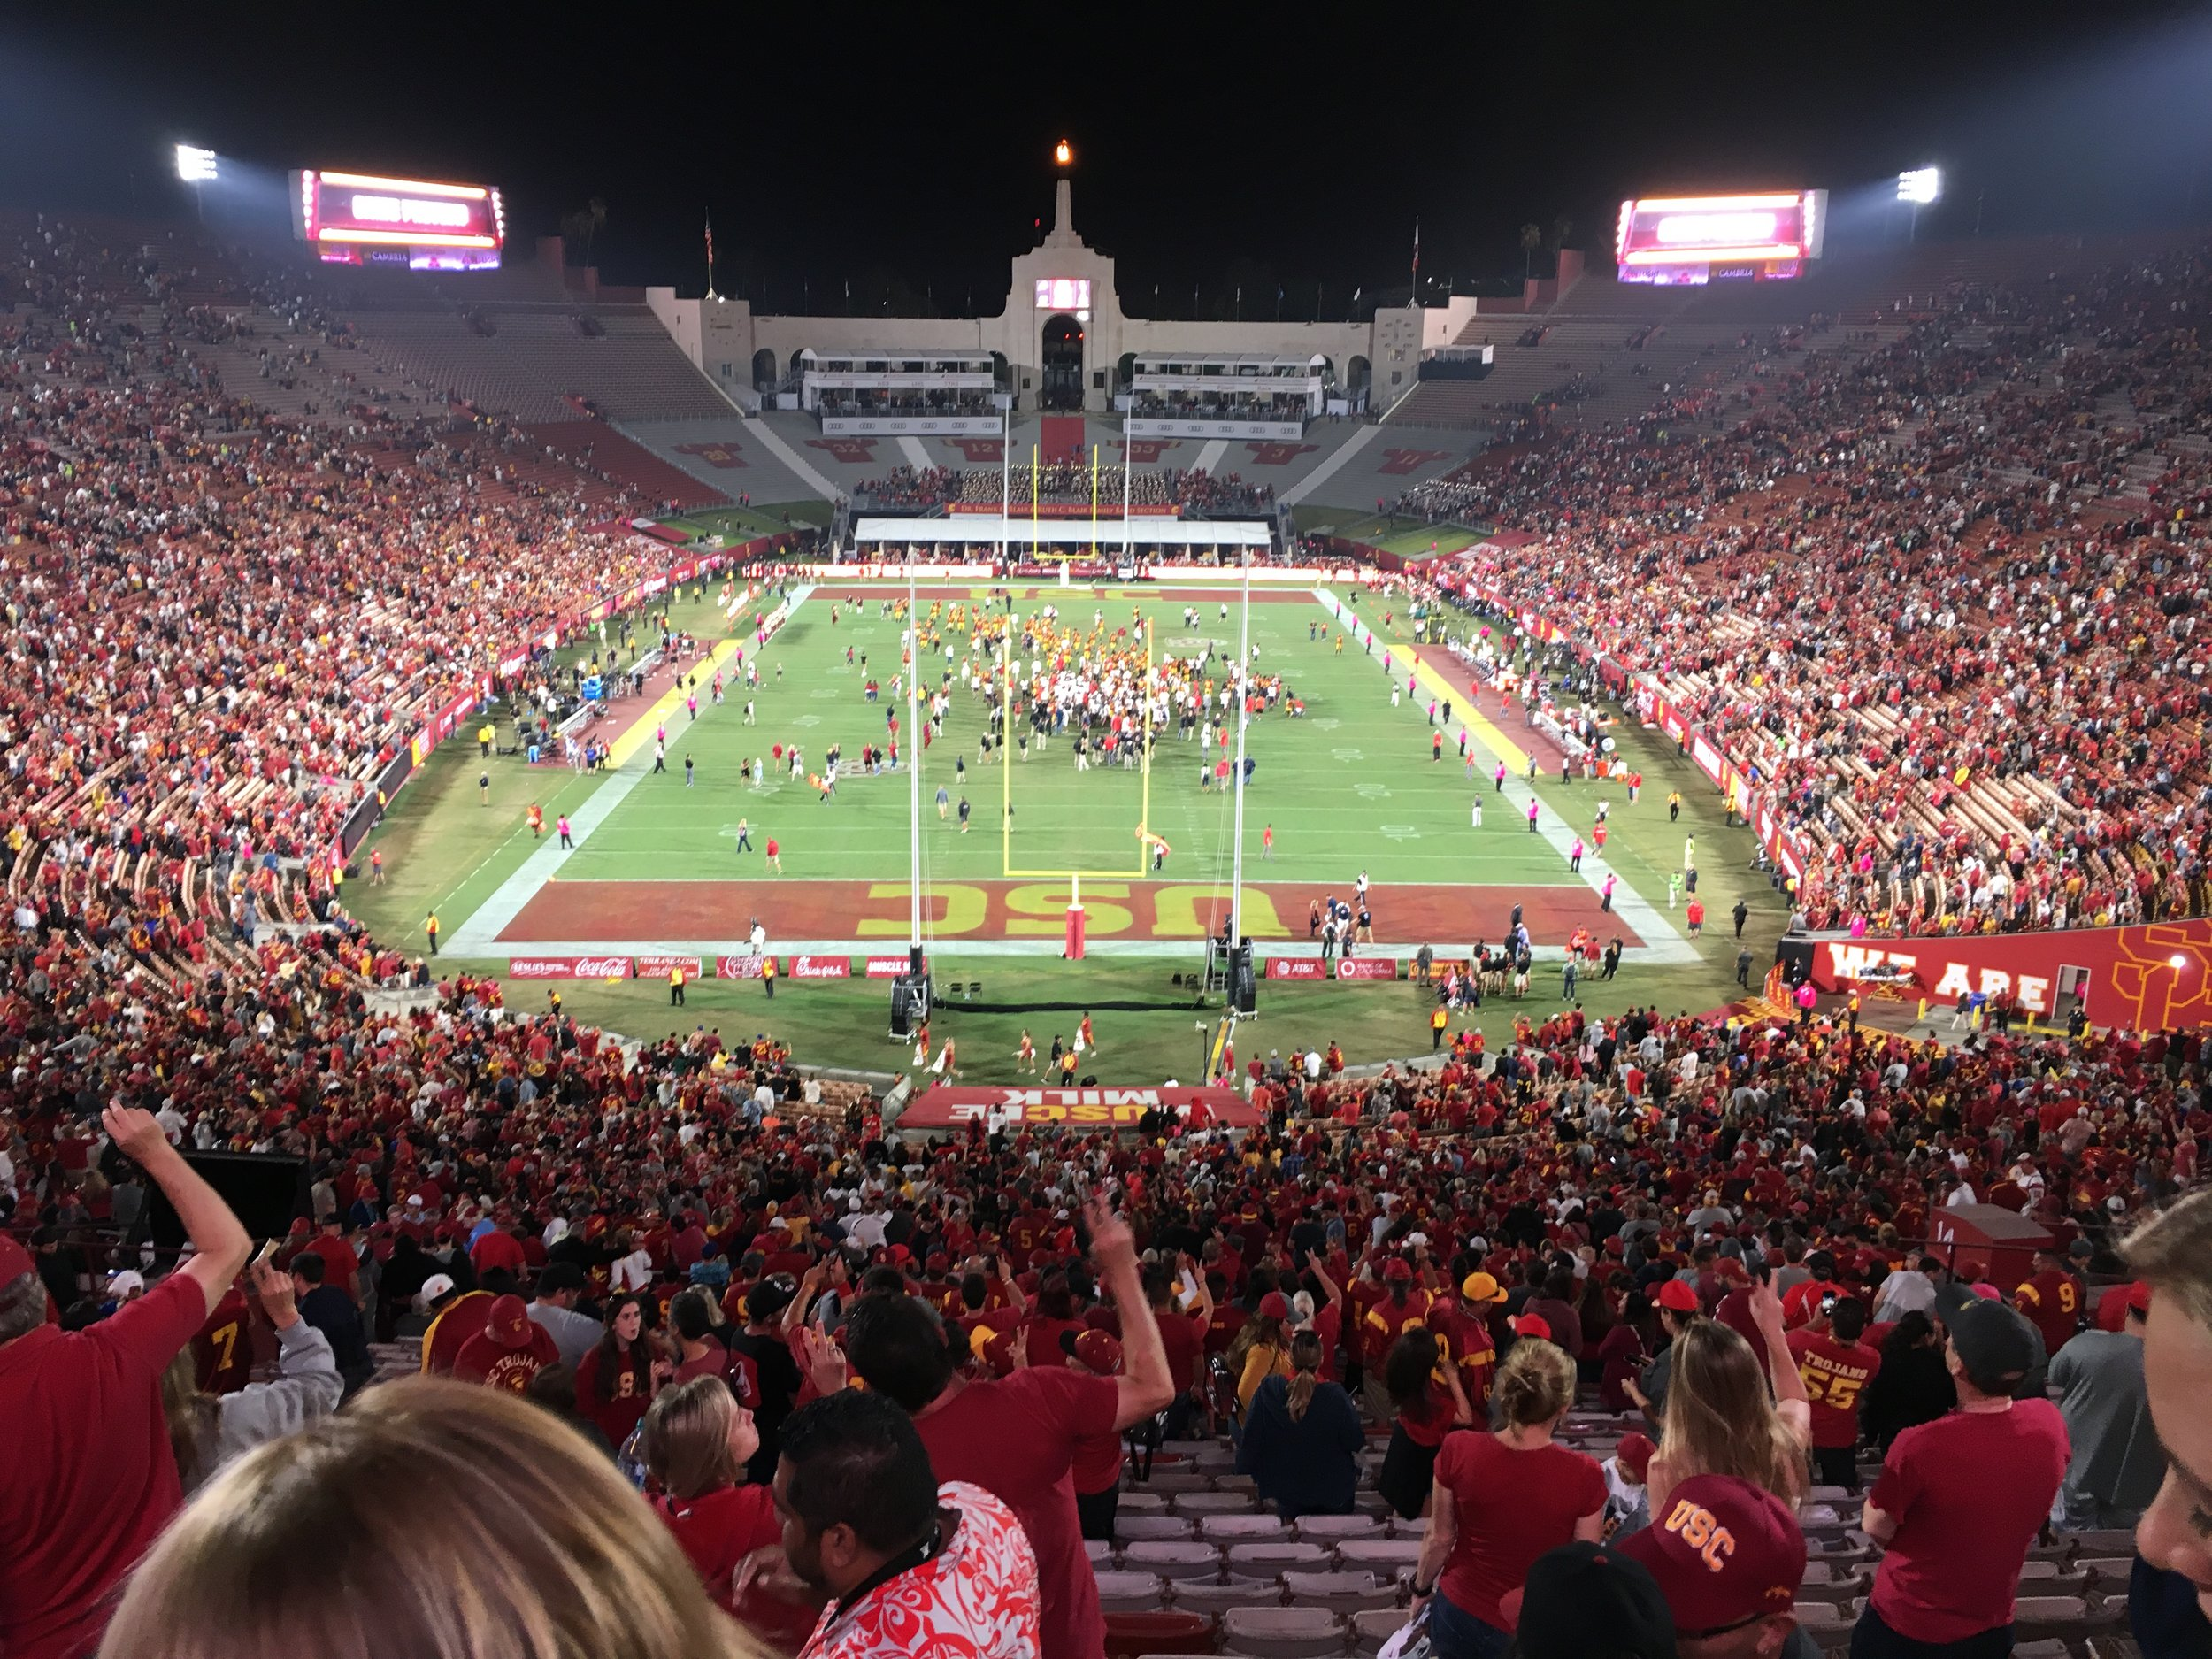 USC beat Utah in a nailbiter 29-28.